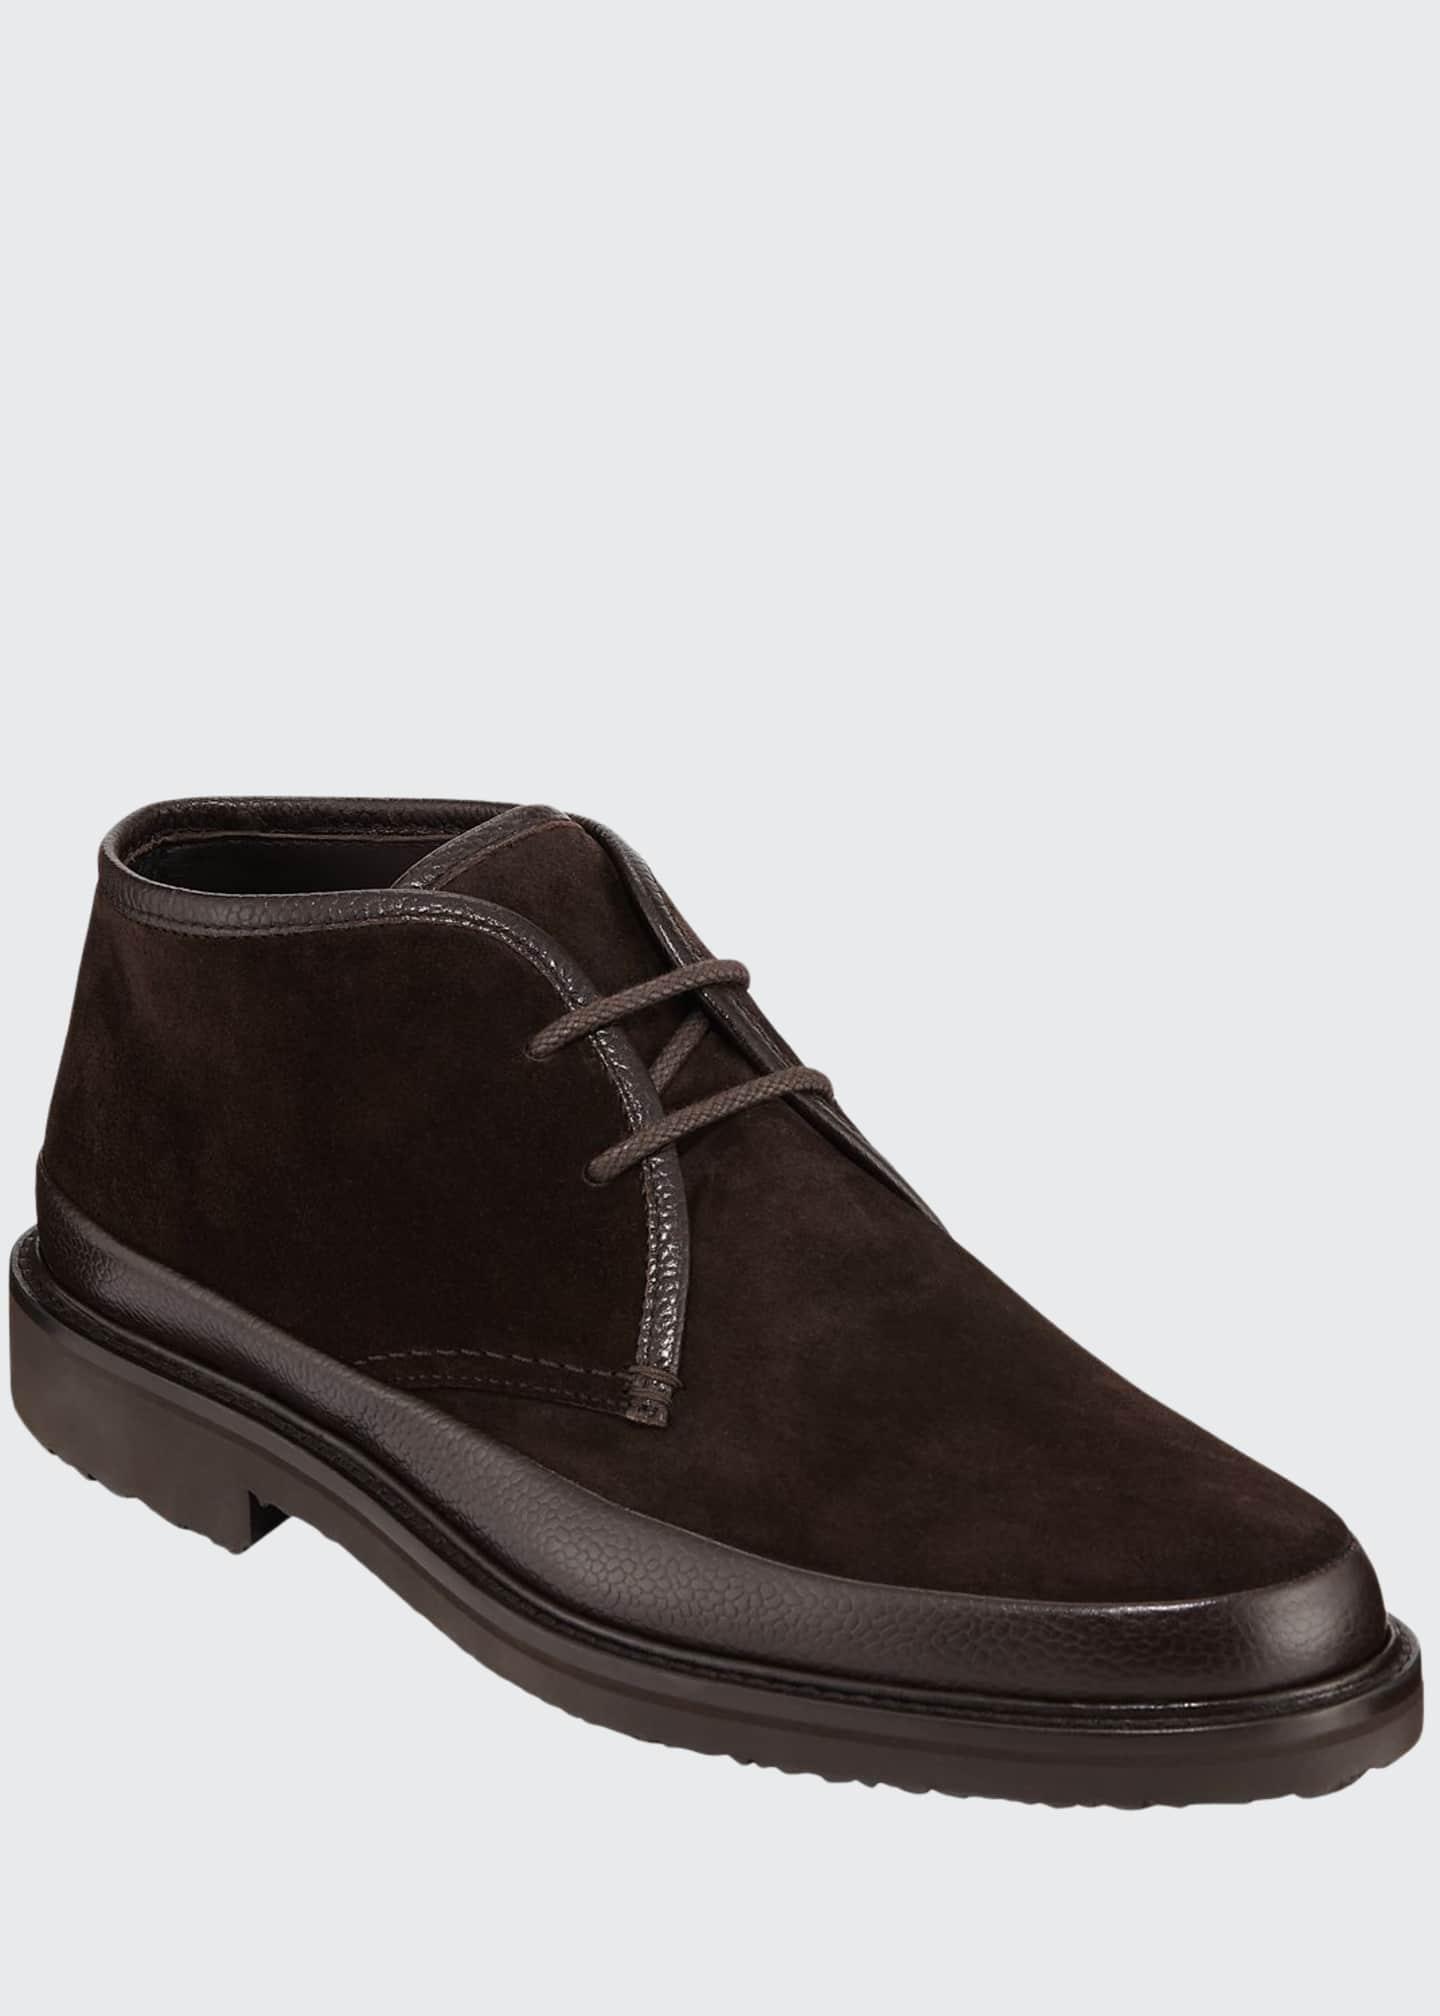 Ermenegildo Zegna Men's Trivero Leather-Trimmed Suede Chukka